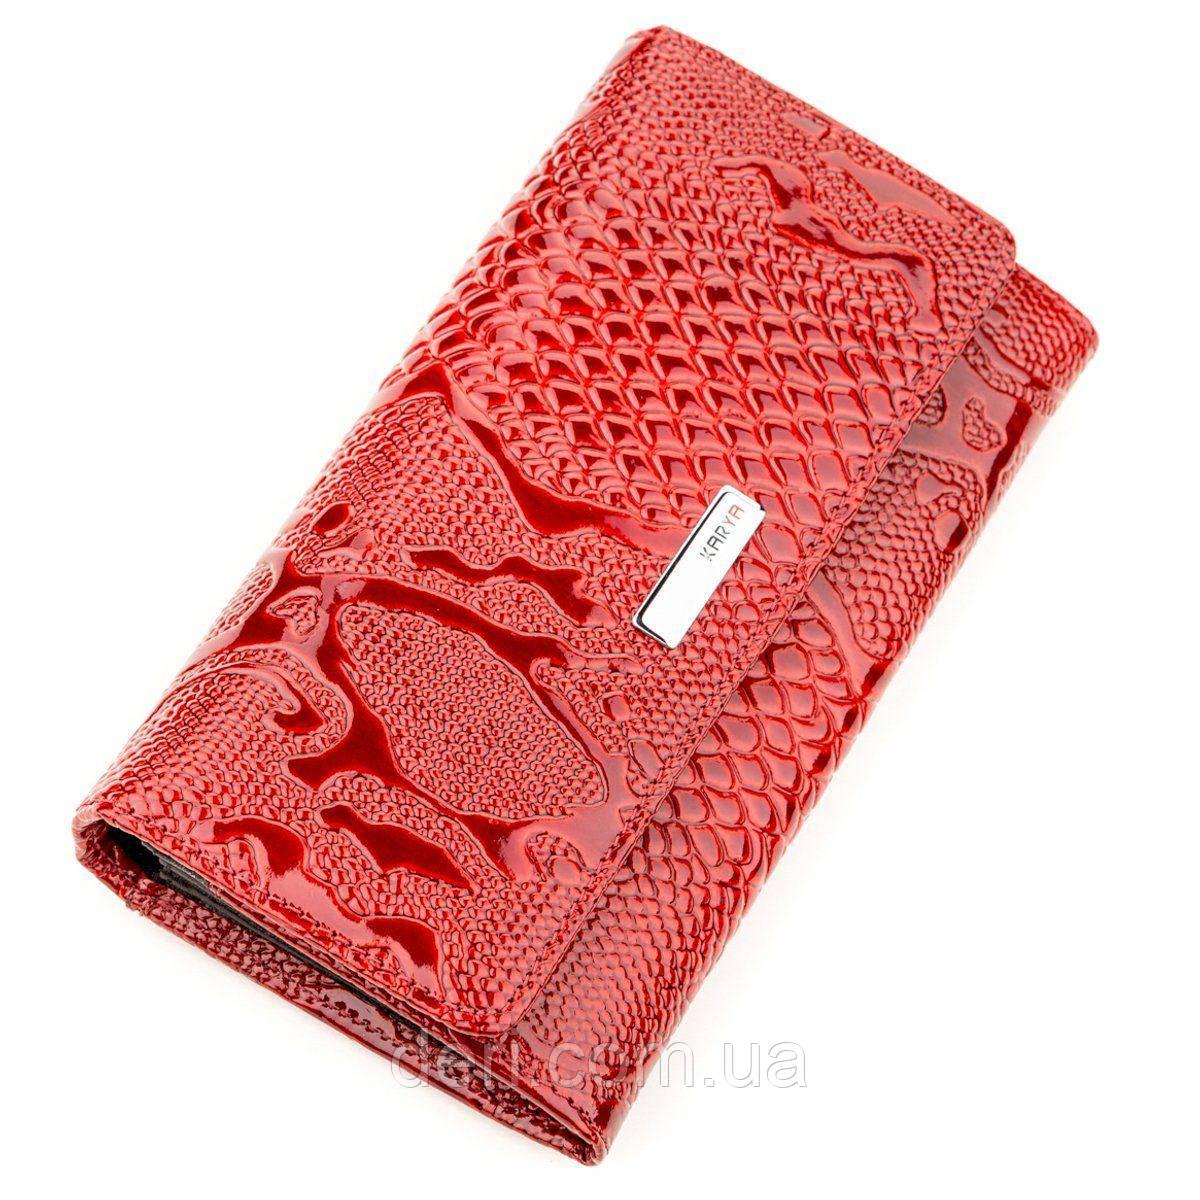 Кошелек женский KARYA 17241 кожаный Красный, Красный